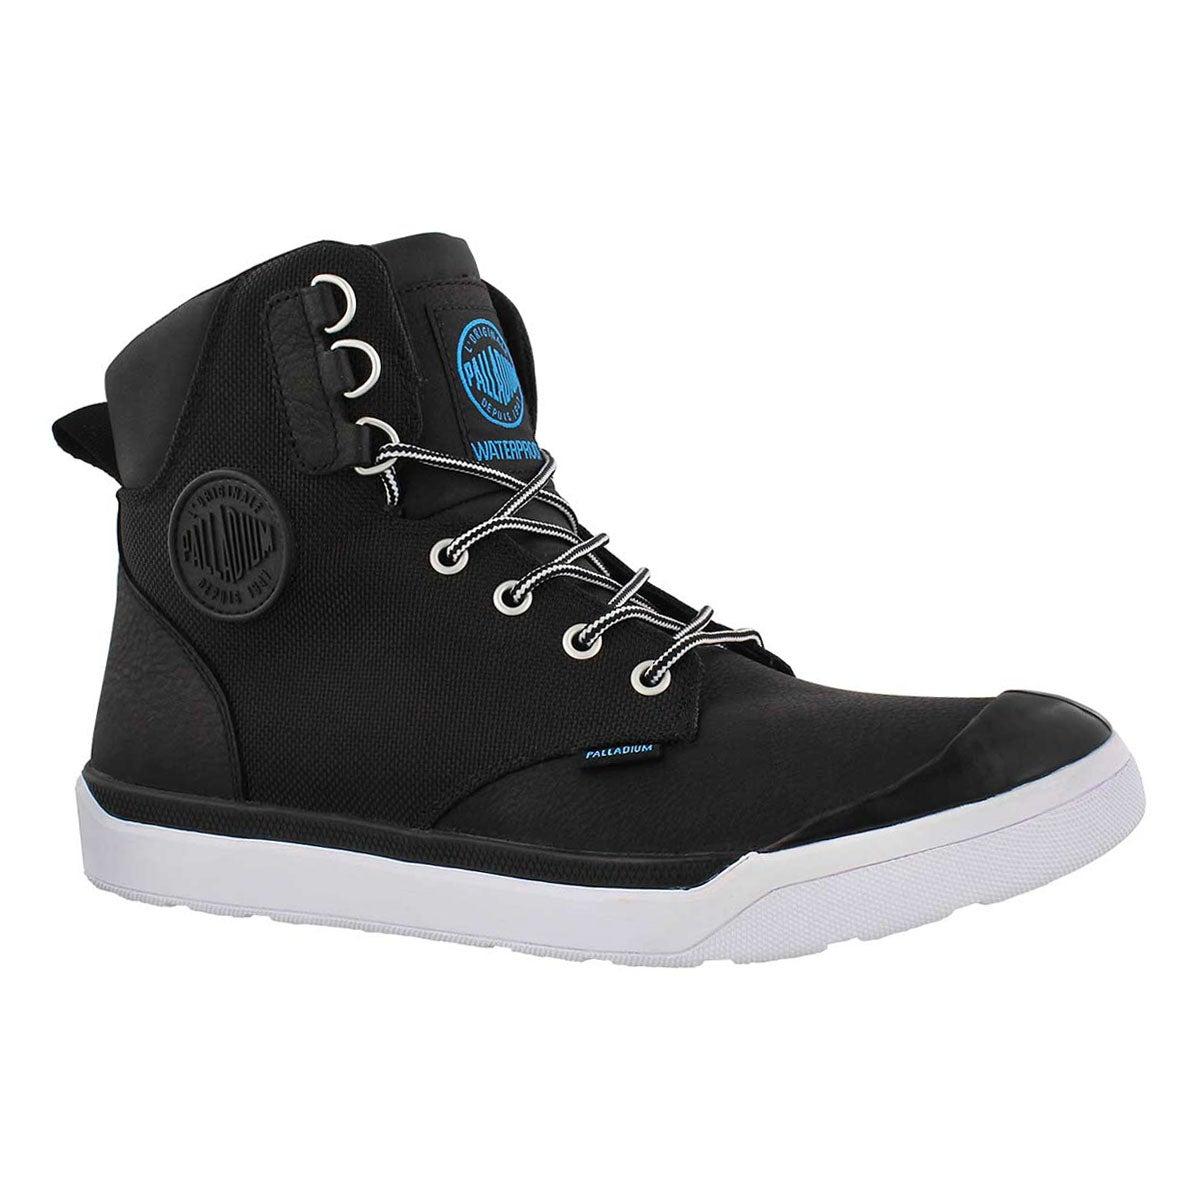 Men's PALLARUE HI CUFF blk waterproof ankle boots